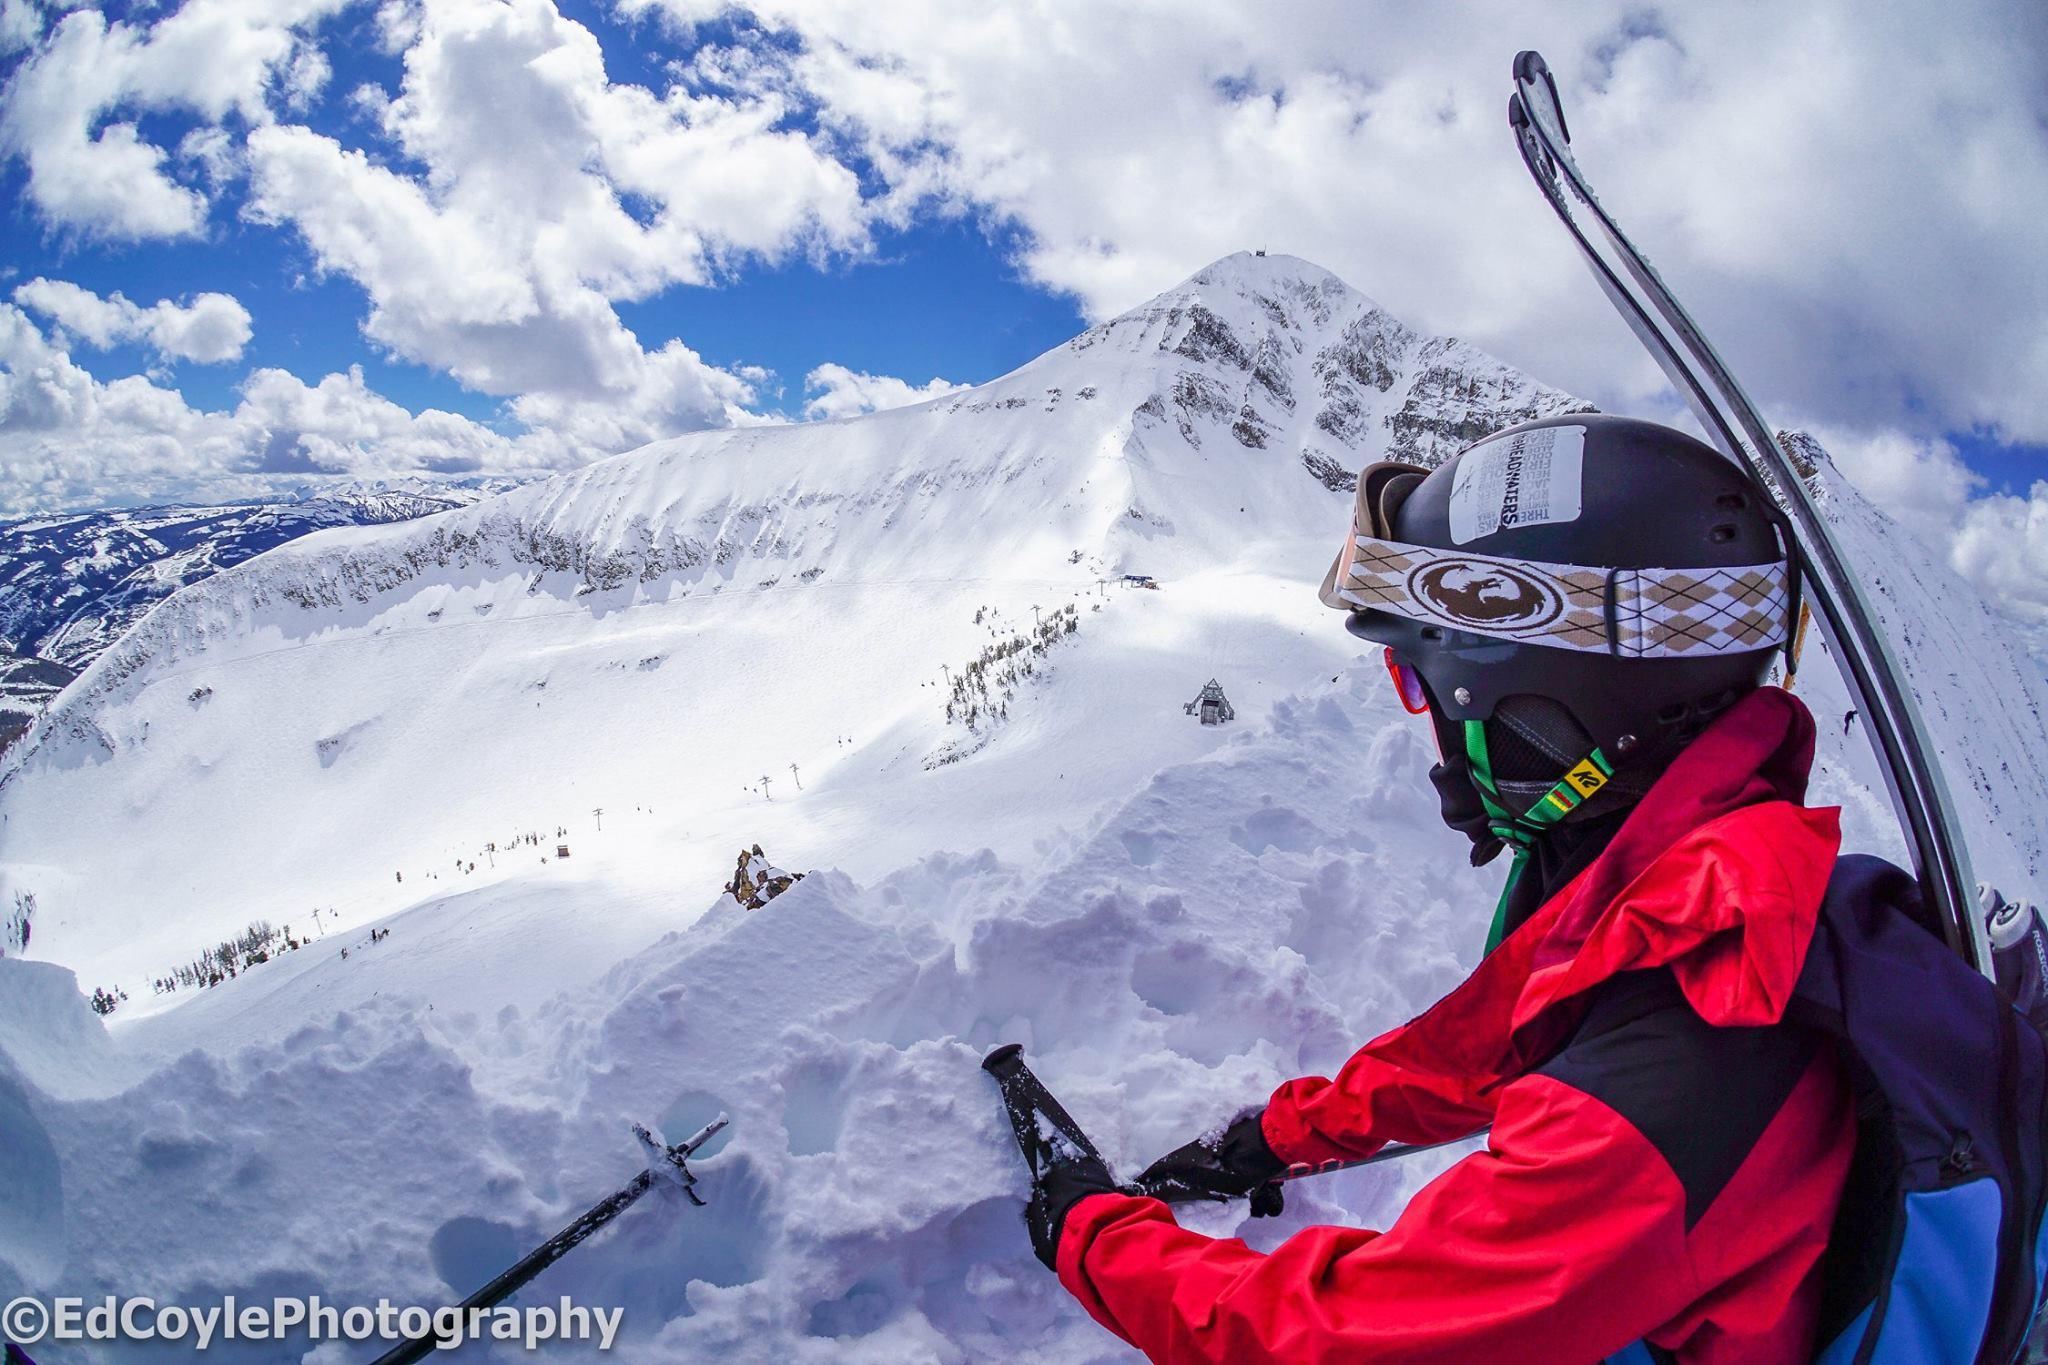 Big Sky La Nina, most snowfall during la nina